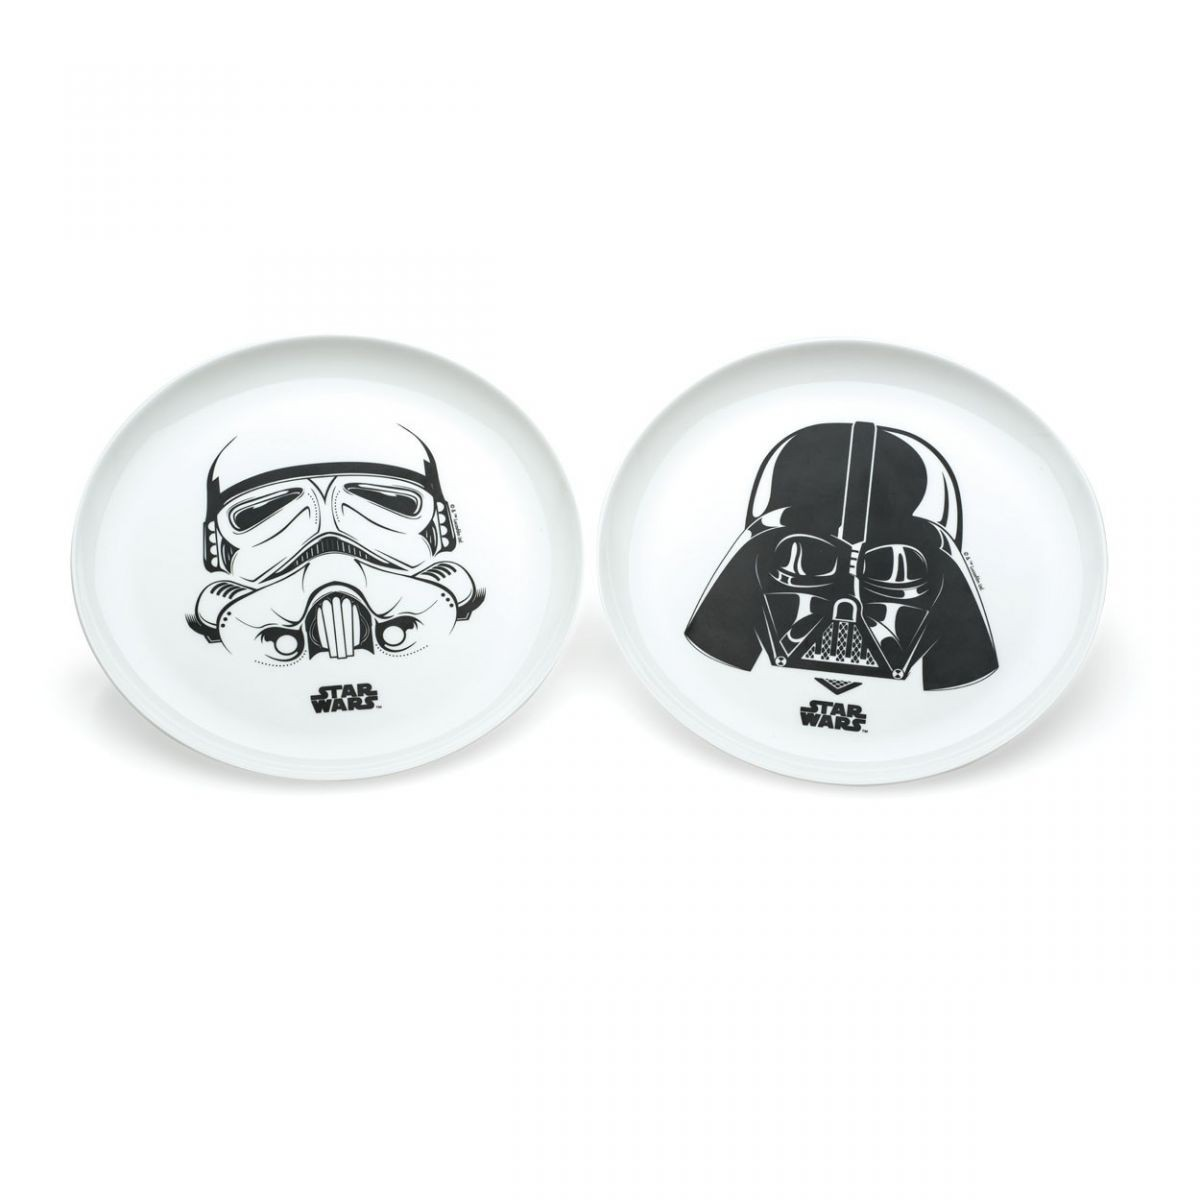 Conjunto de Pratos Darth Vader e Stormtrooper: Star Wars Branco